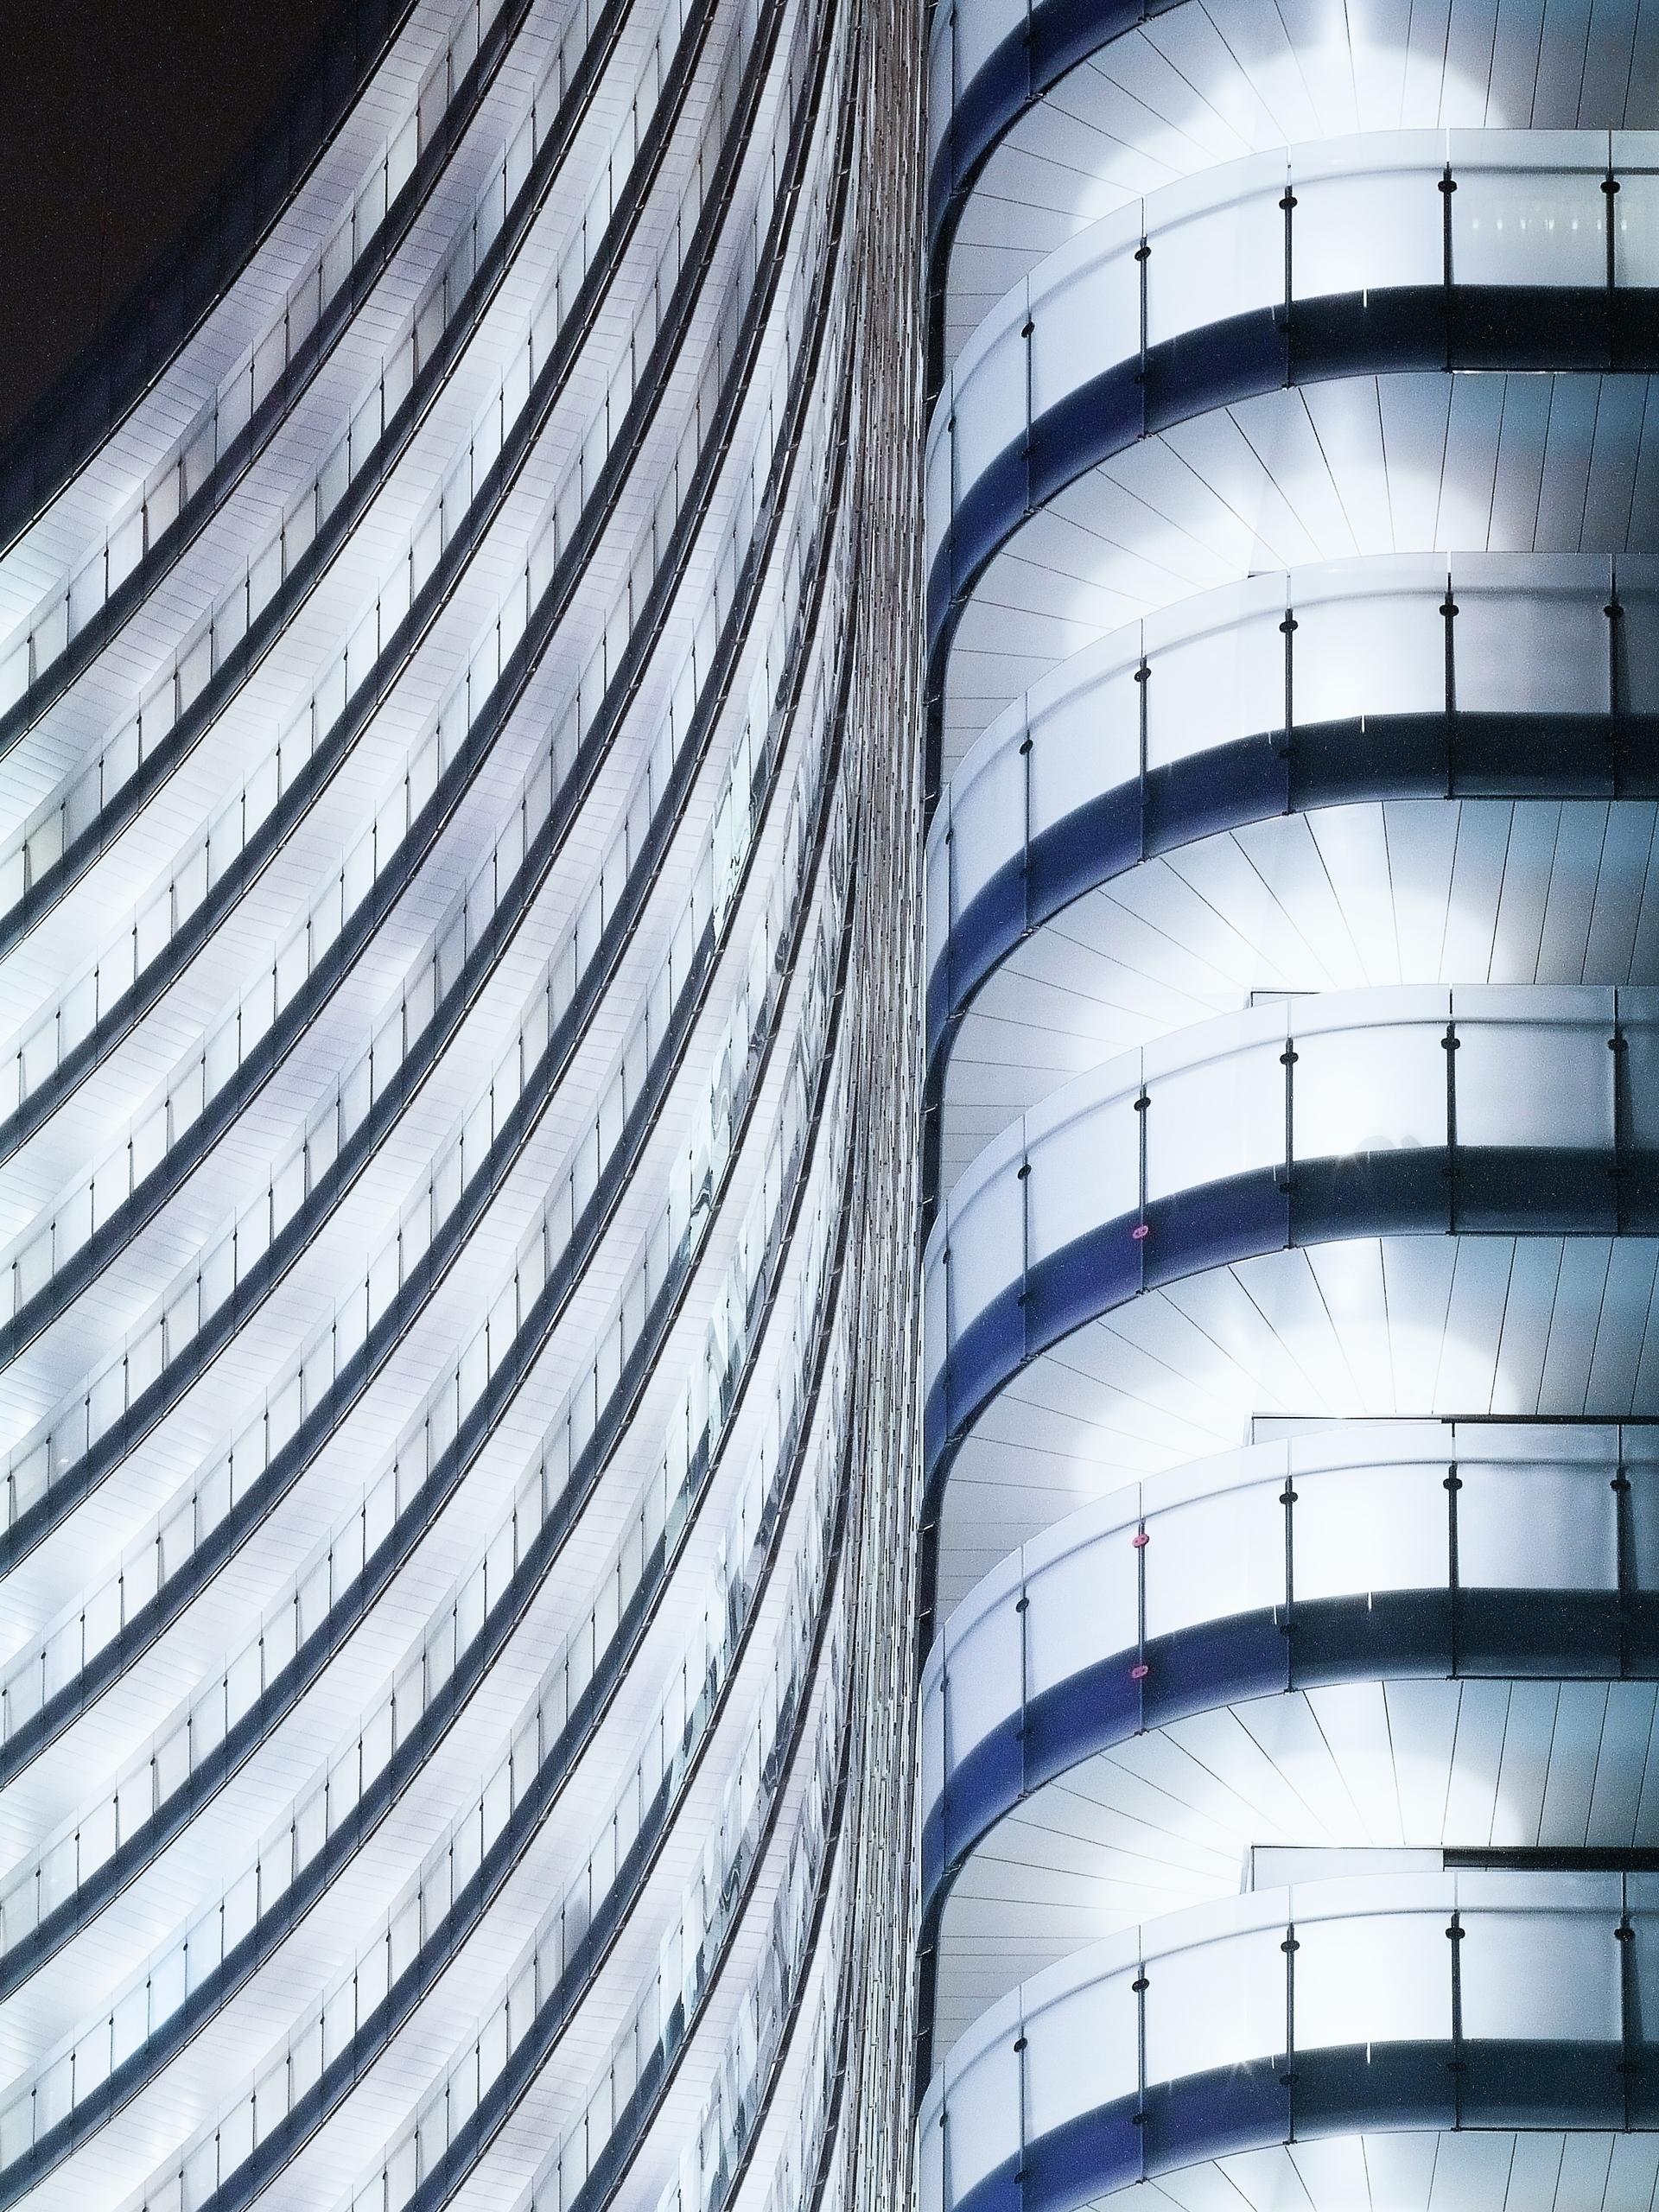 Curves HYATT Regency Sochi - hyattregency - designerus | ello